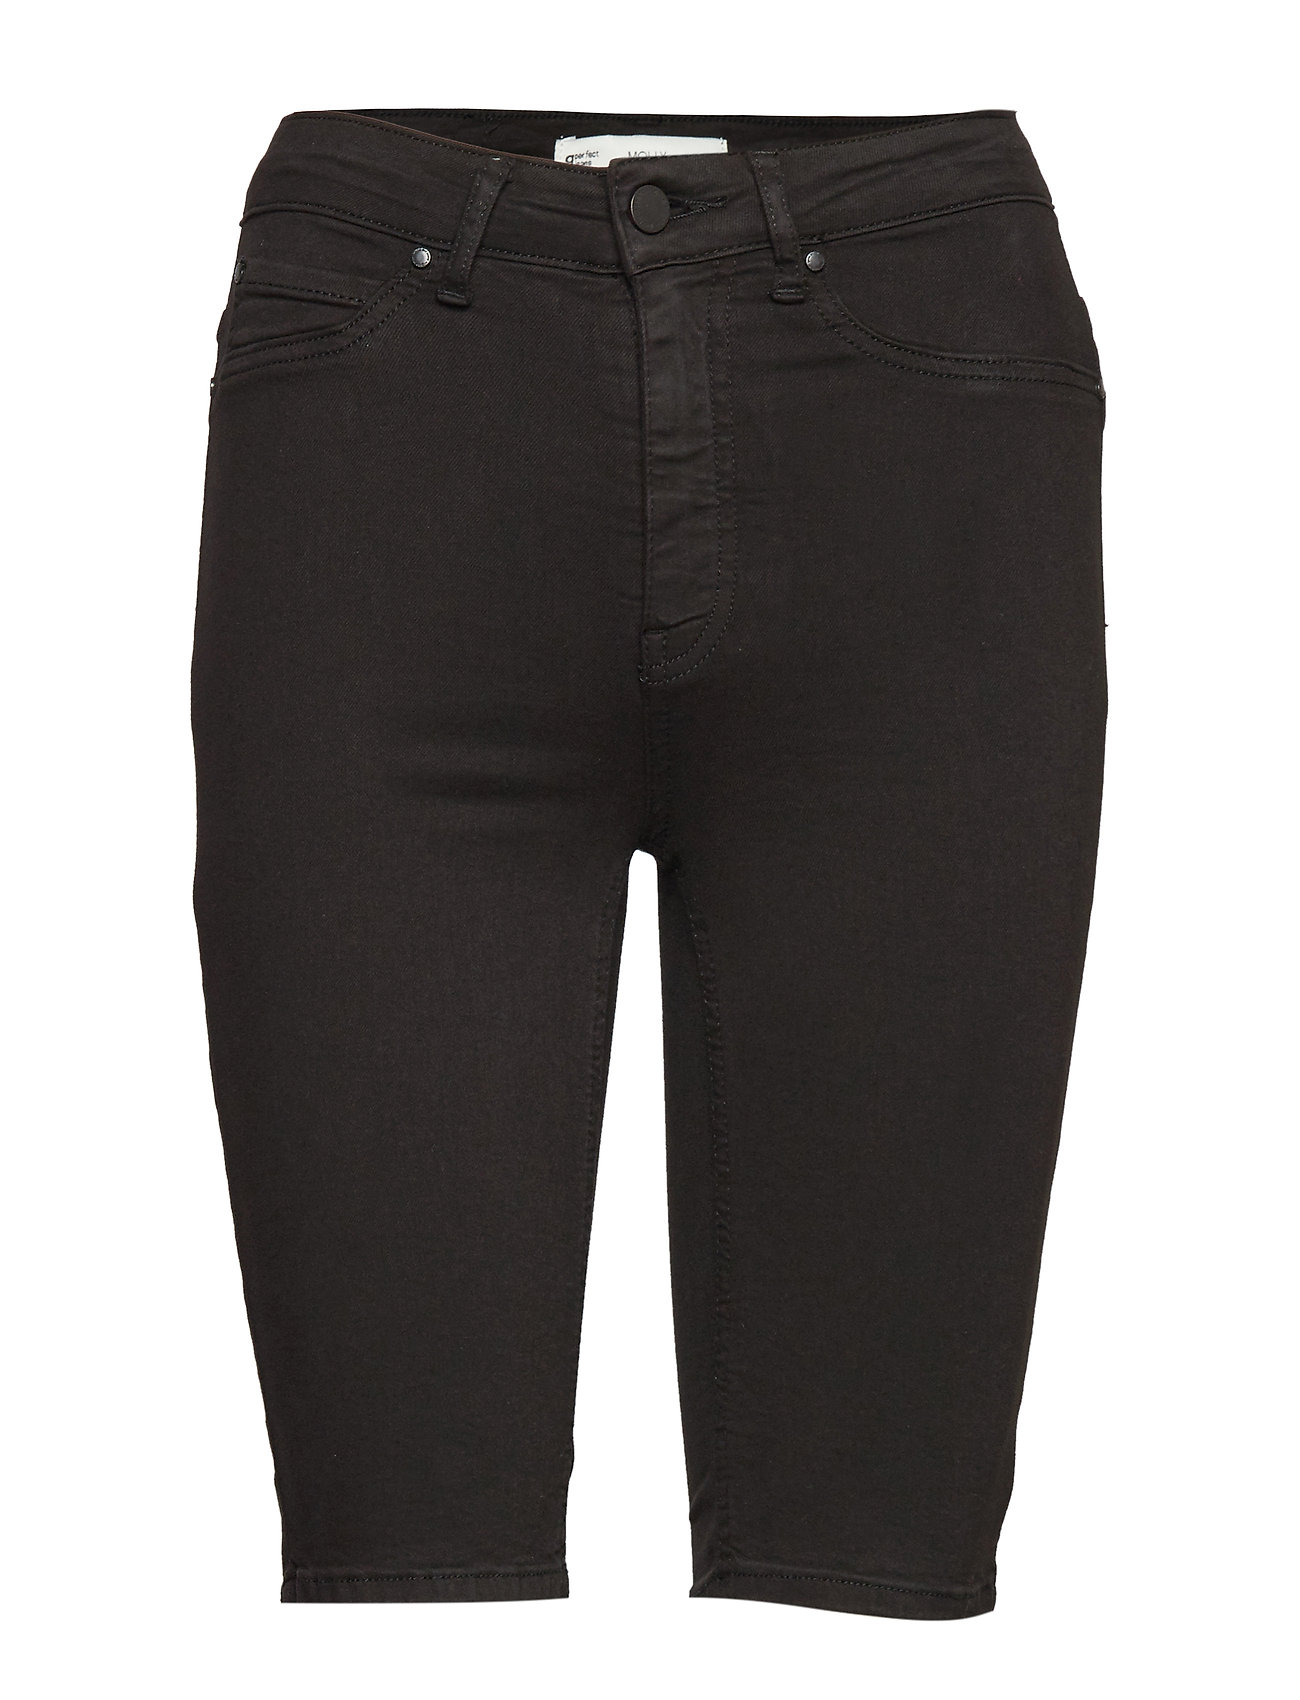 Gina Tricot Molly biker denim shorts - BLACK